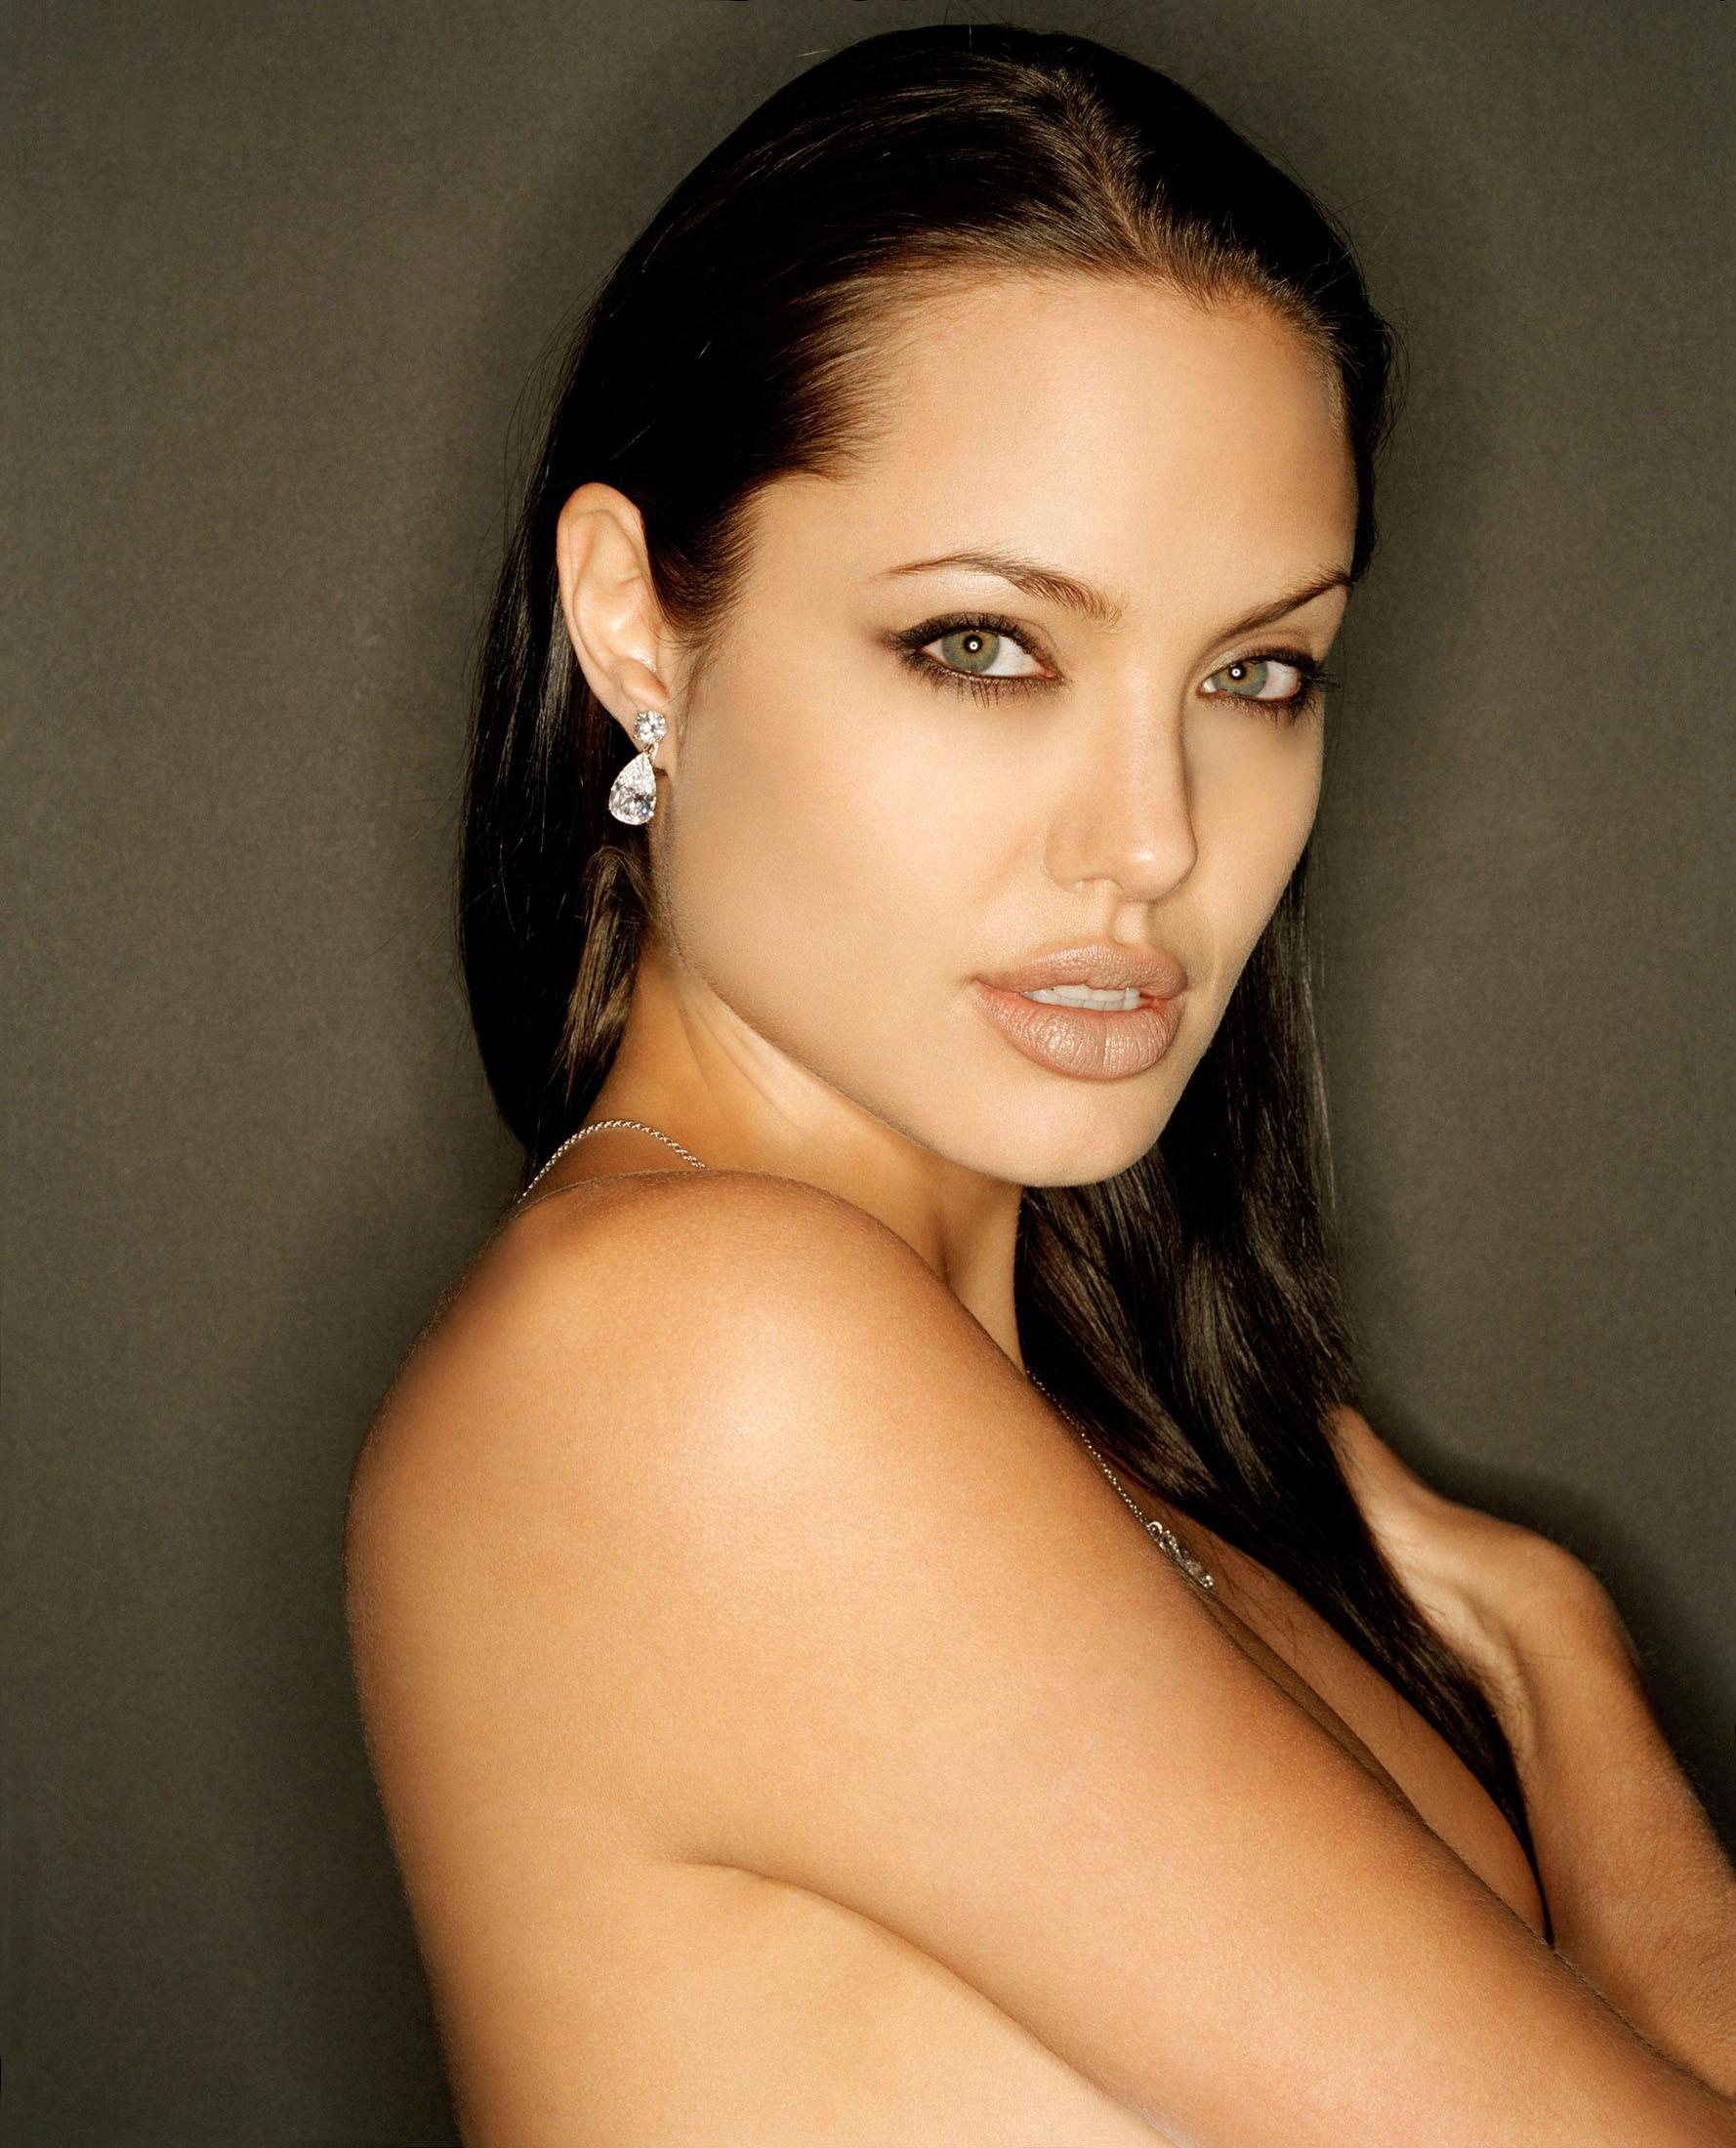 Angelina Jolie Голая Анджелина Джоли - Фотосессии - Фотогалерея - Всё что я люблю